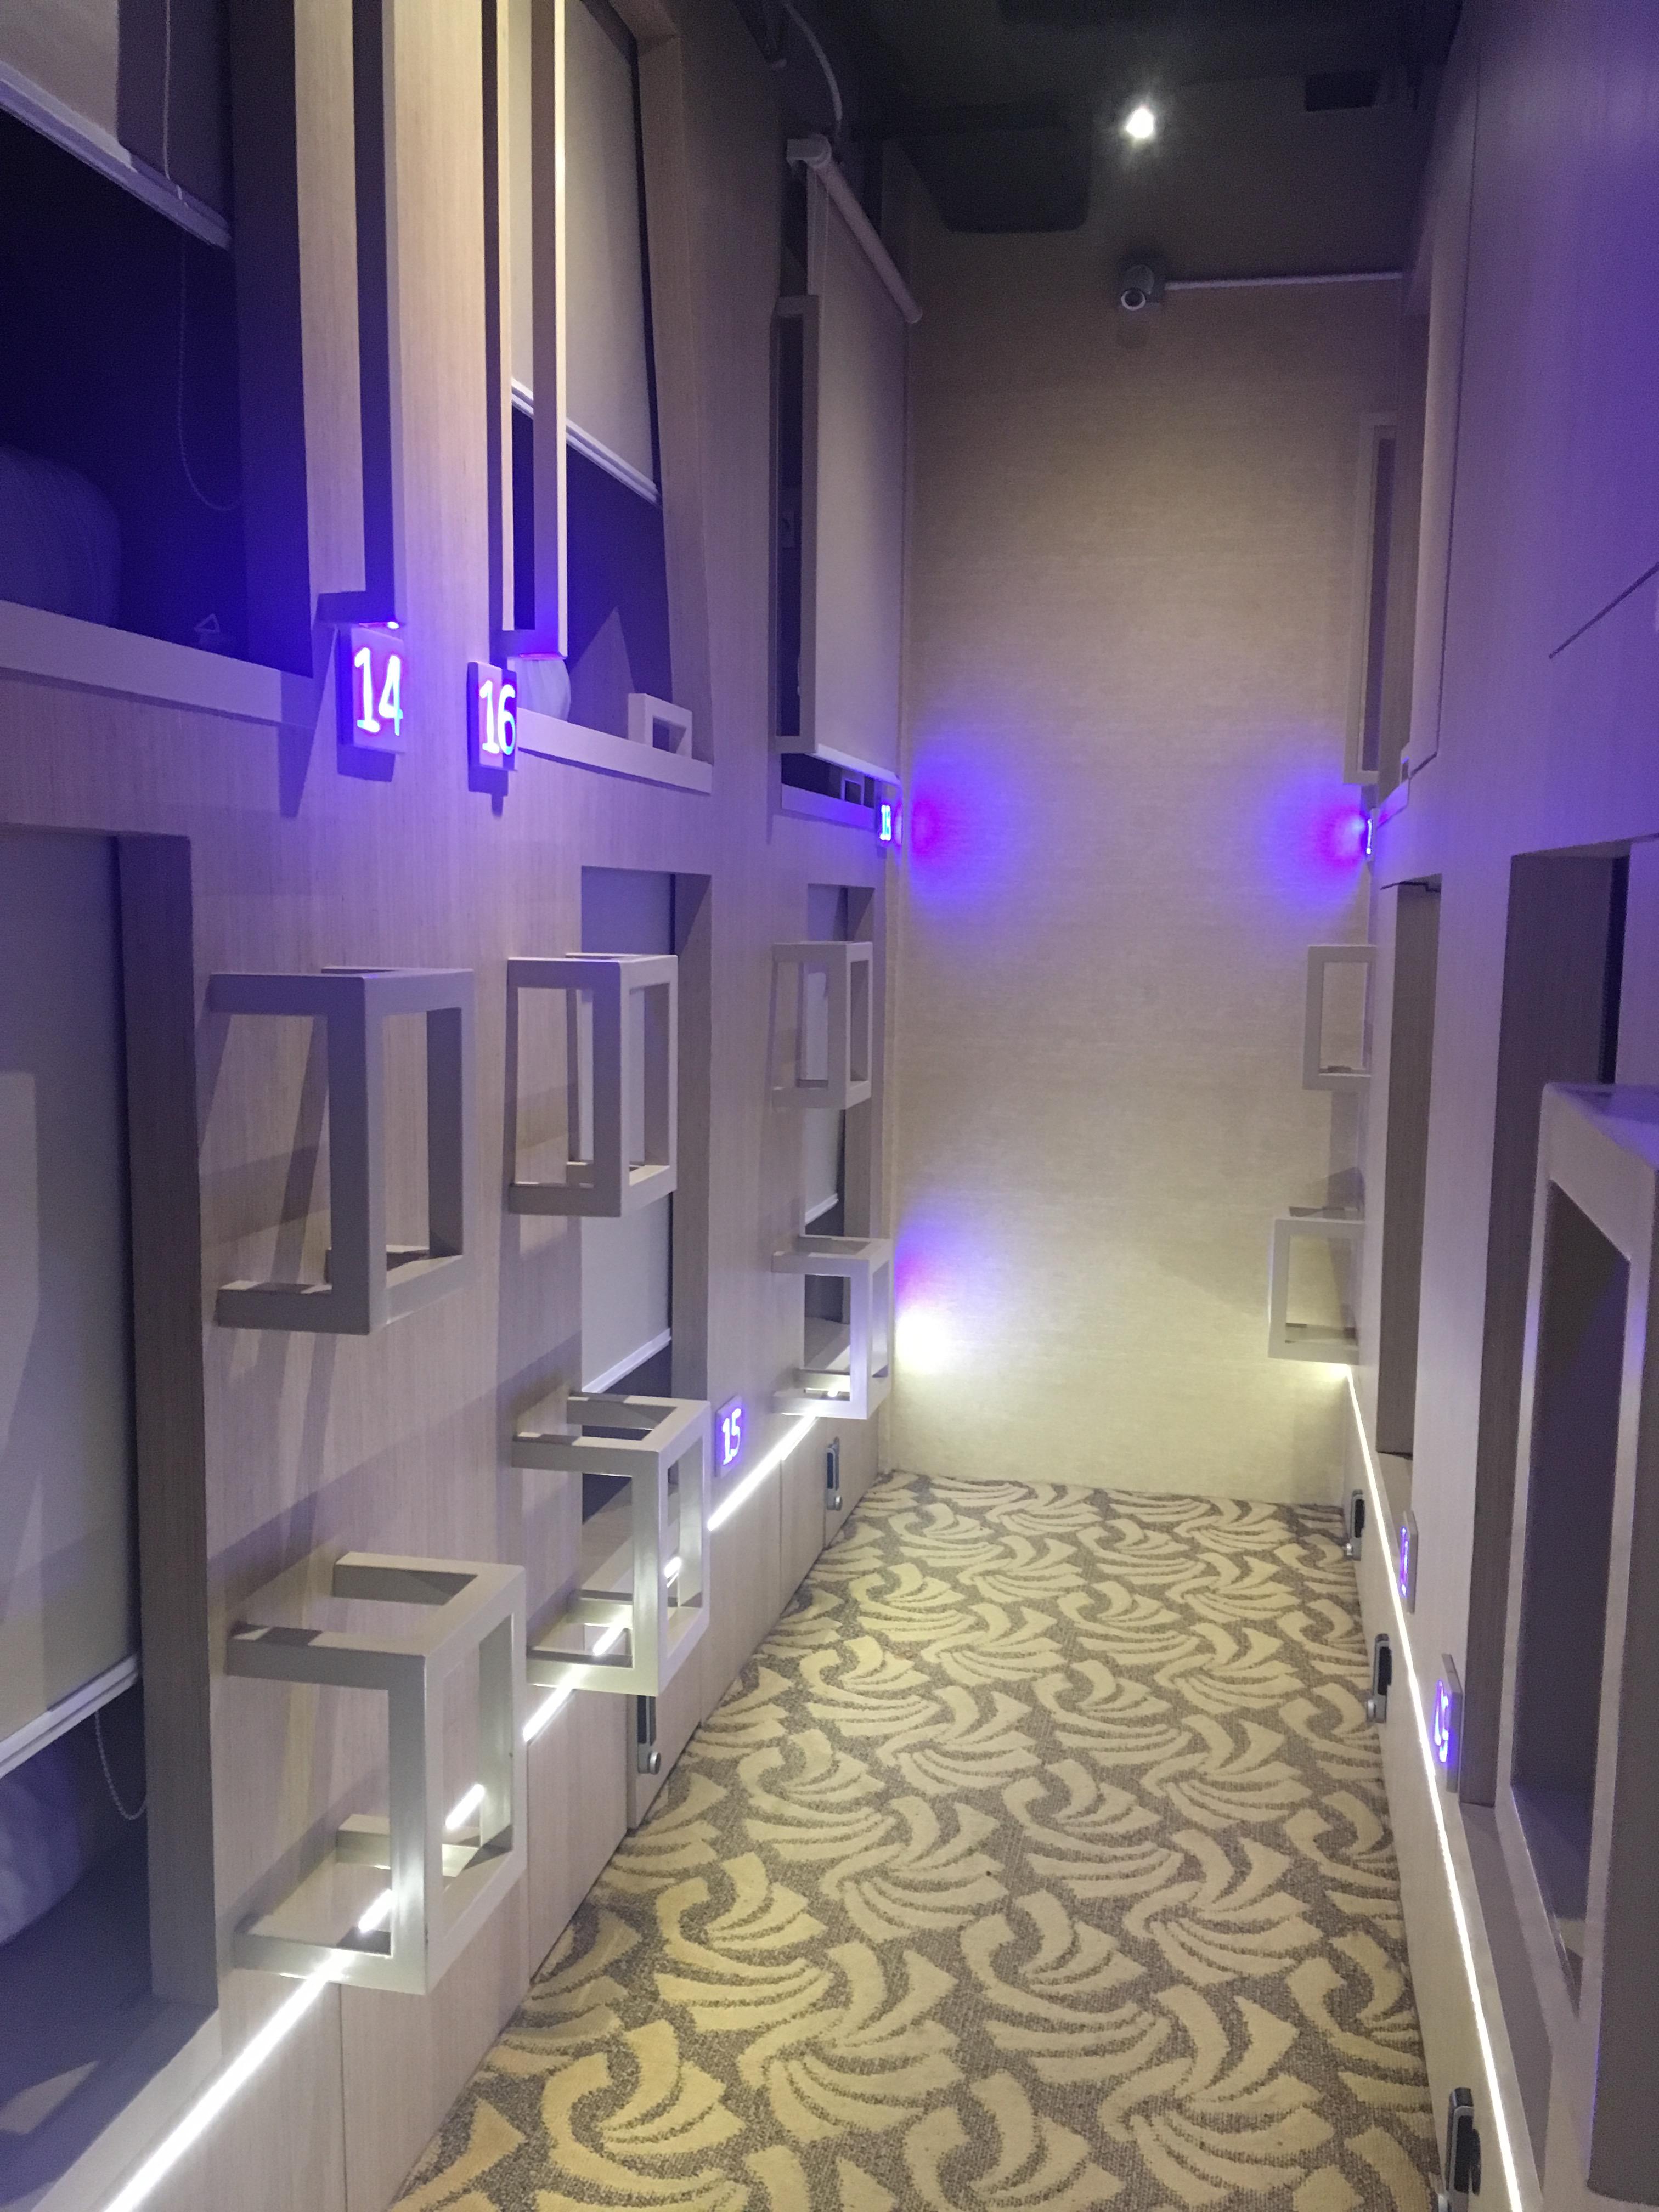 Singapur Kapselhotel